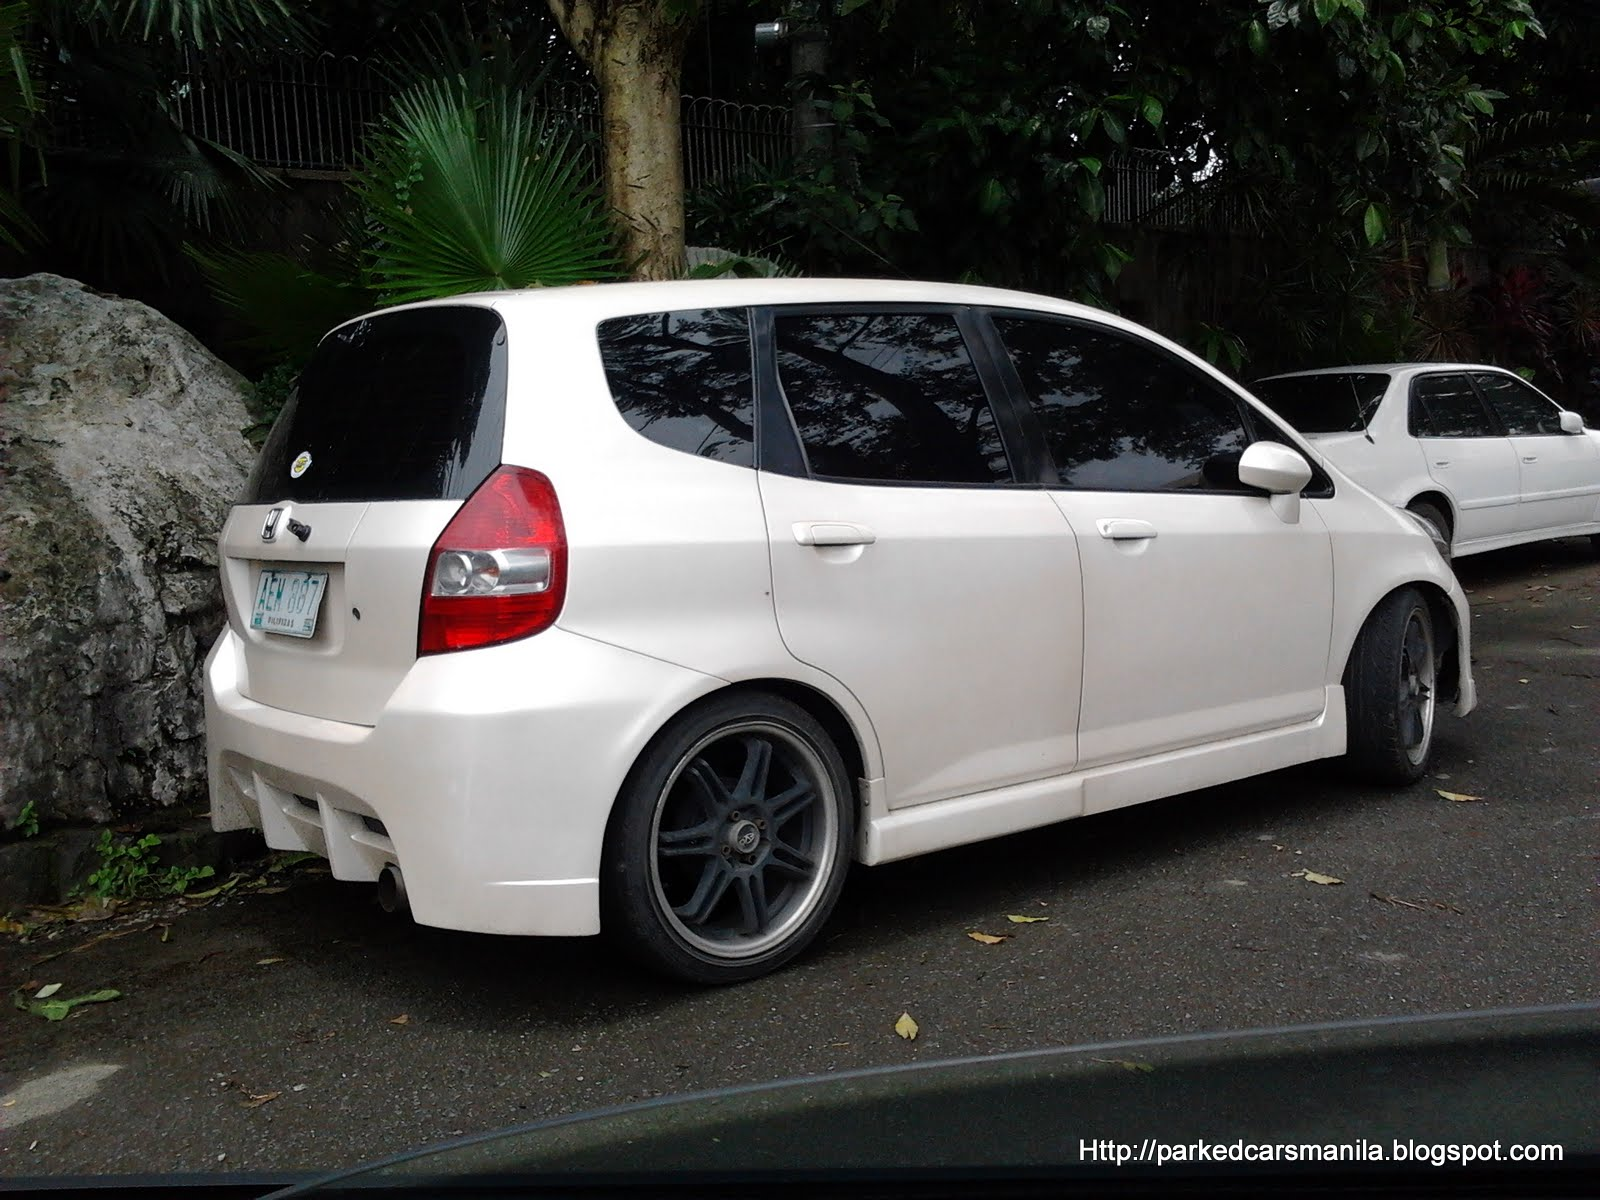 Parked Cars Manila: 2007 Honda Jazz - Modified